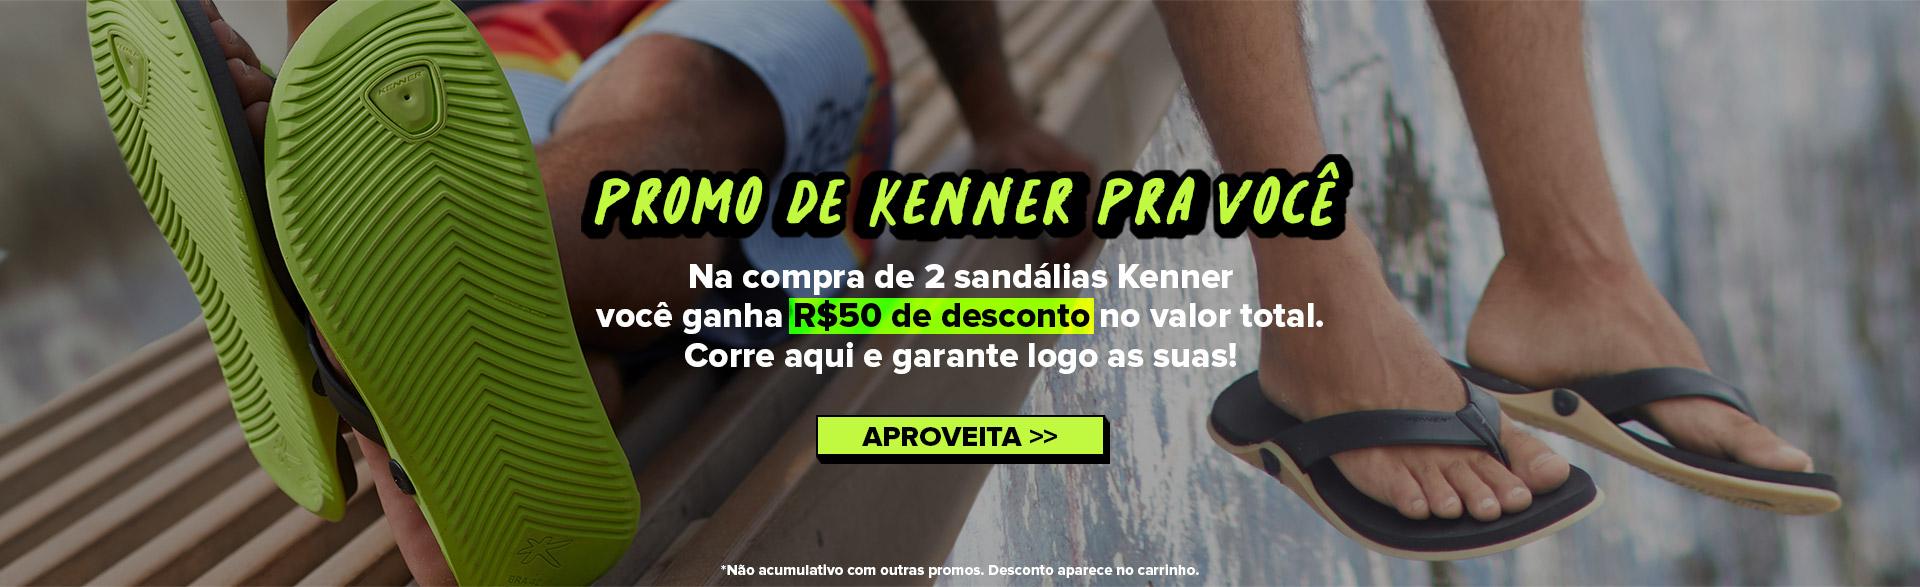 Promo de Kenner Pra Você